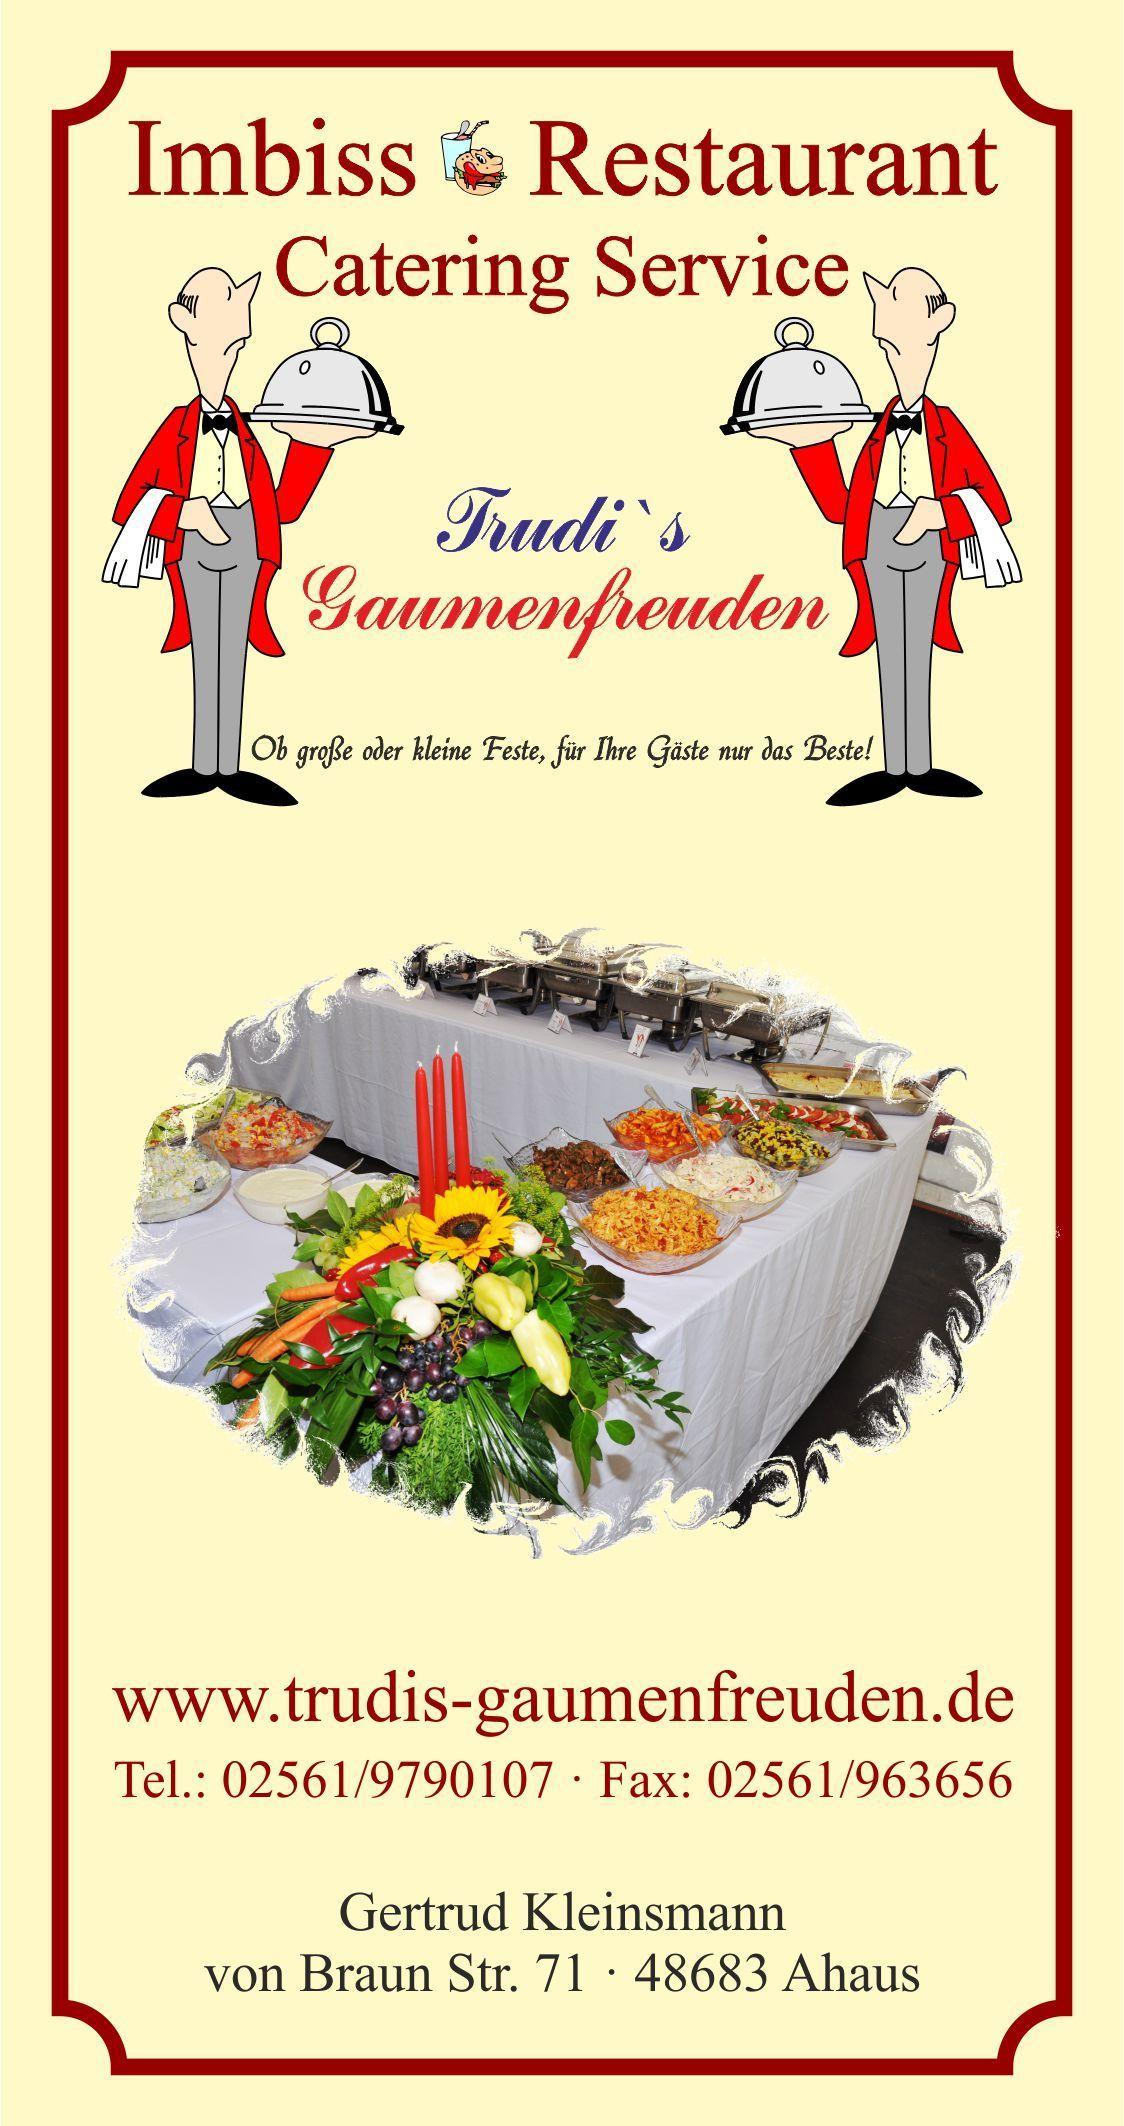 Menüvorschläge für Ihre Feste - Catering Karte